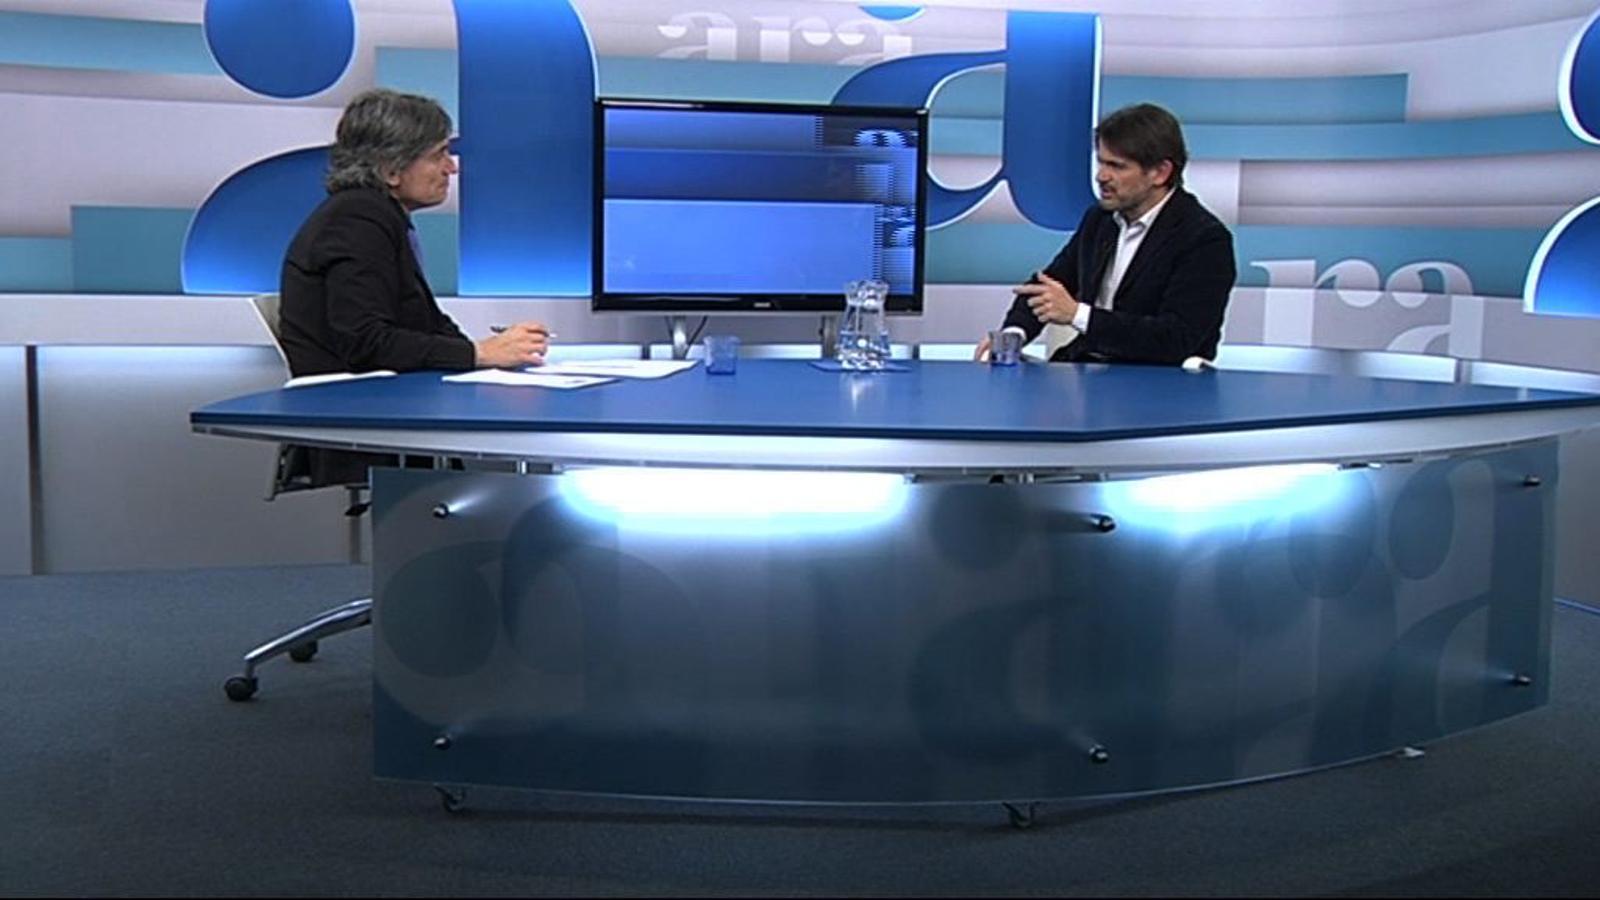 Oriol Pujol: A Catalunya es va començar a treballar tard en el projecte d'Eurovegas